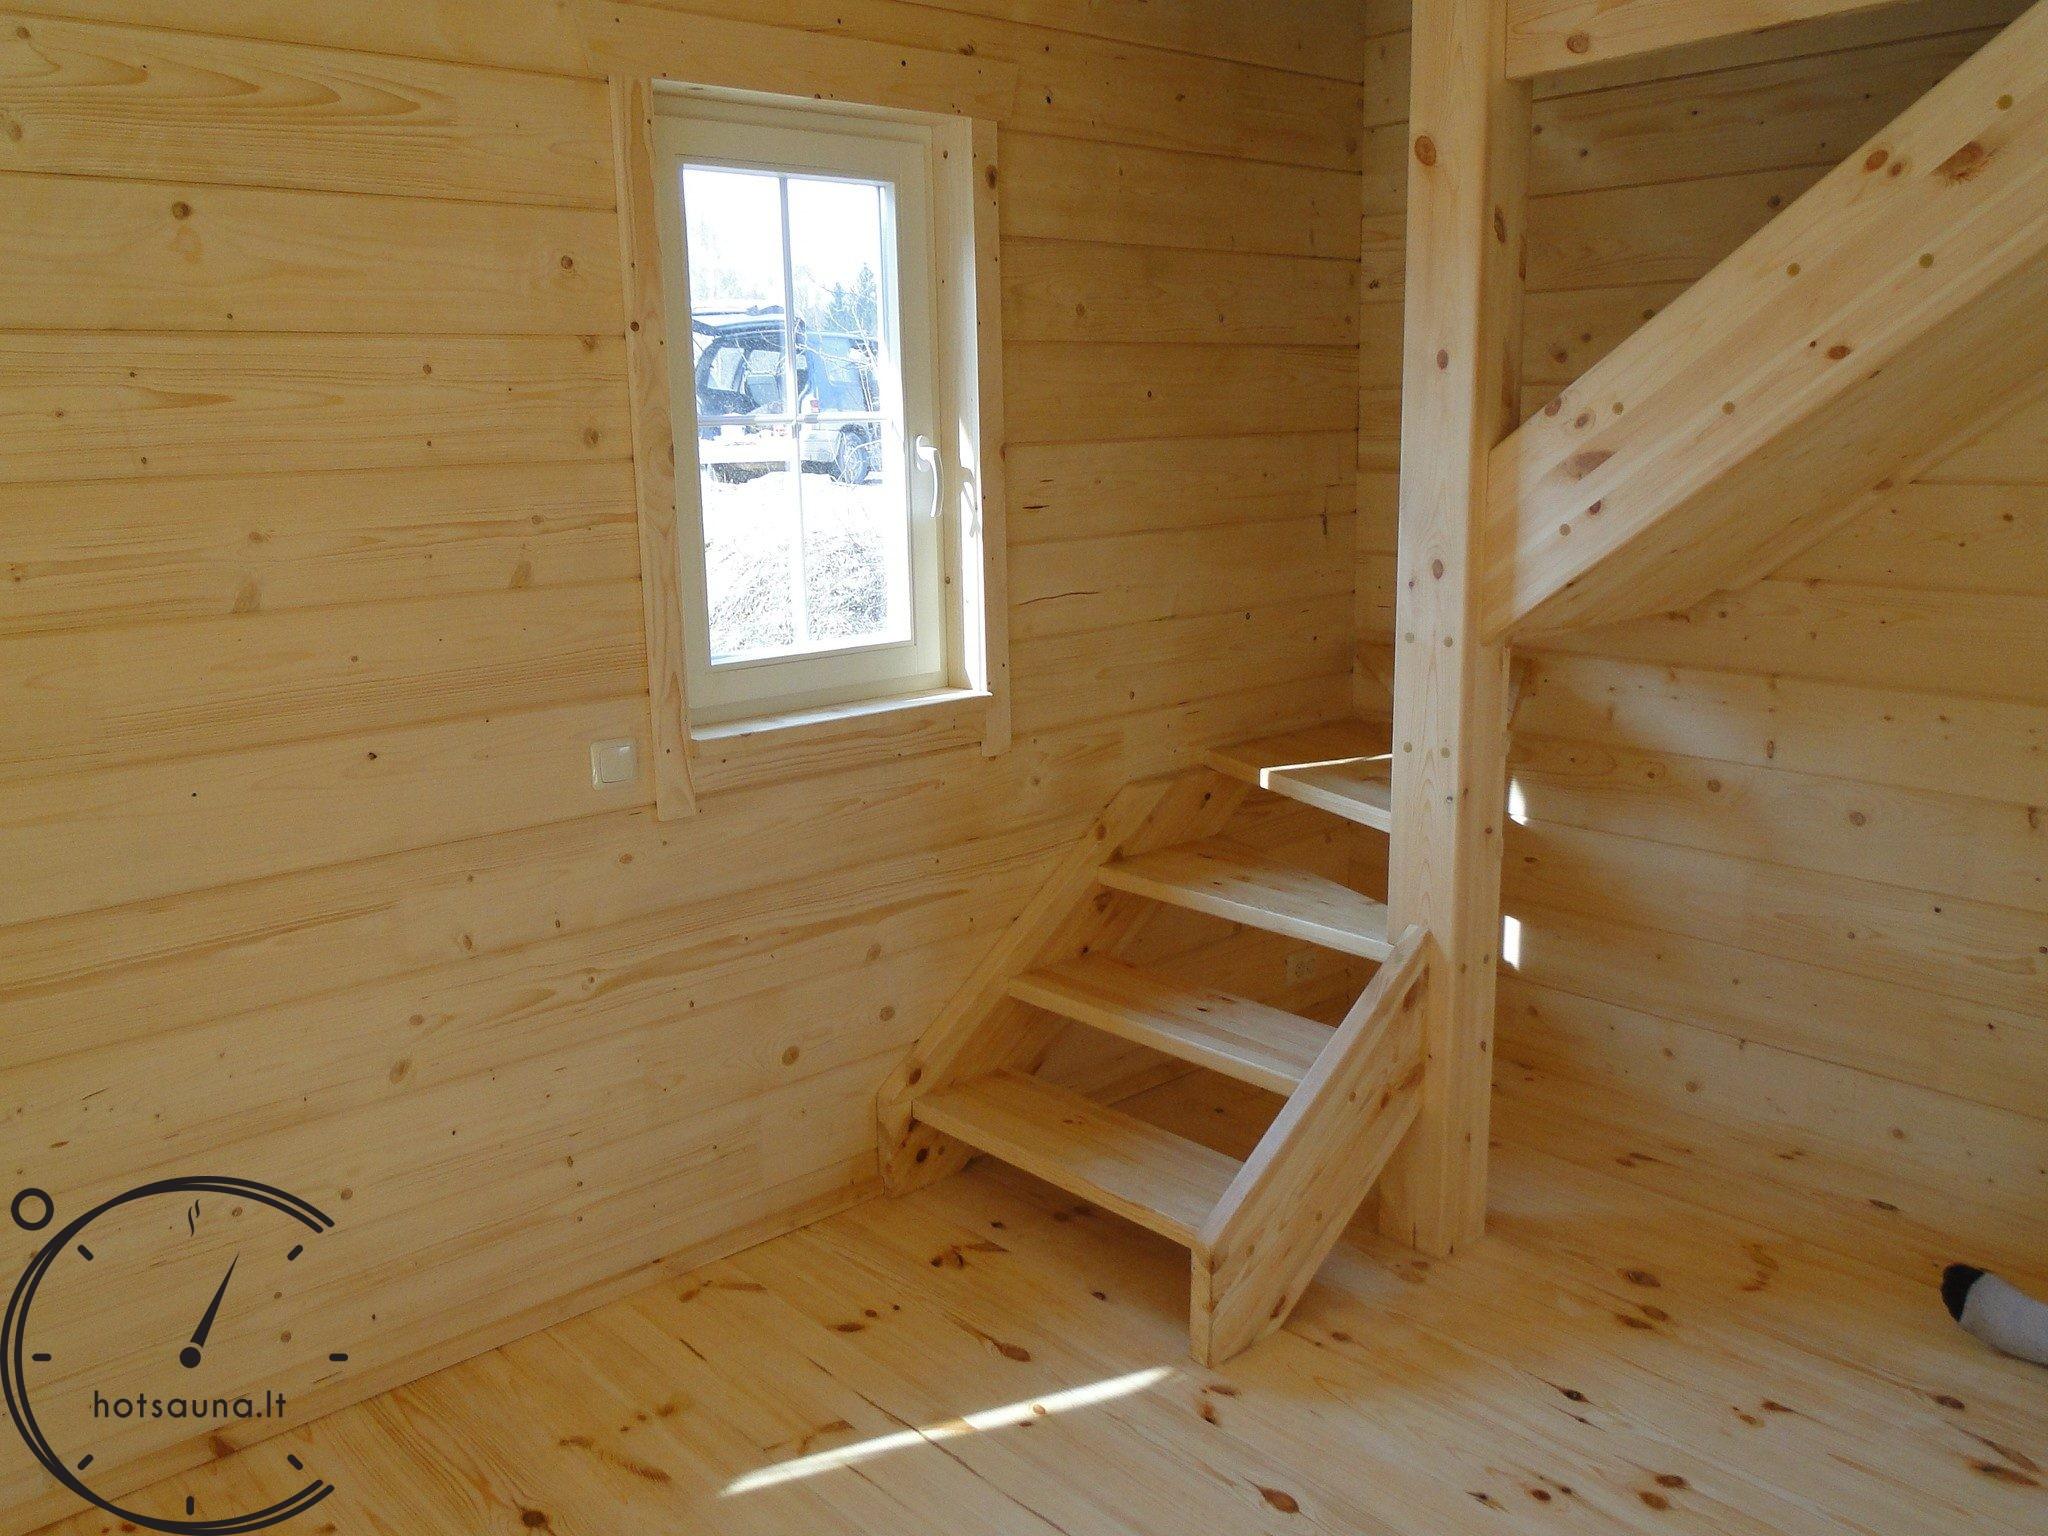 Gartenhaus sauna (5)